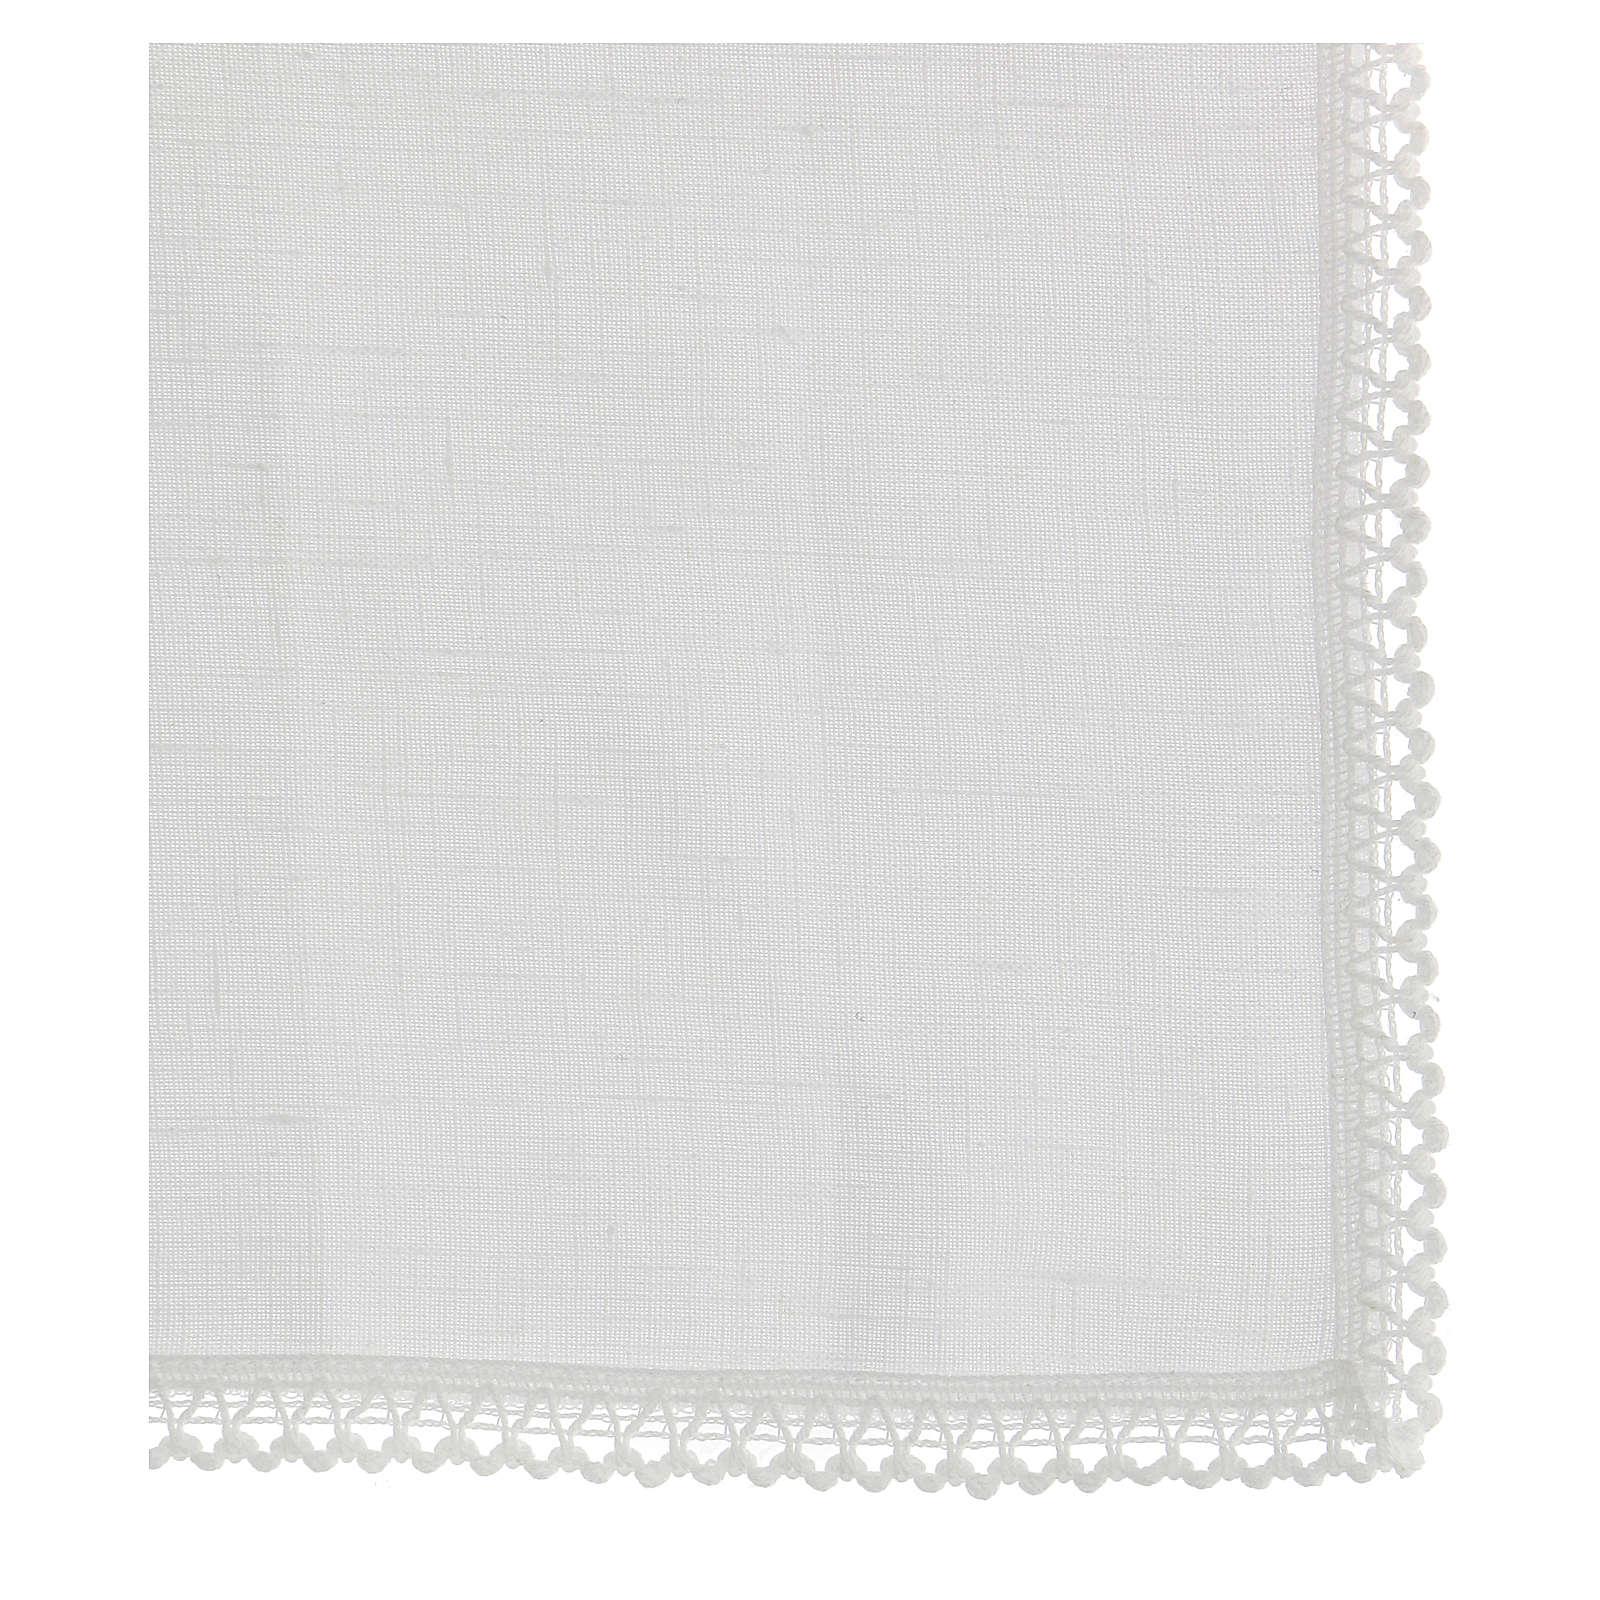 Manutergio blanco 100% hilo con bordados blancos 4